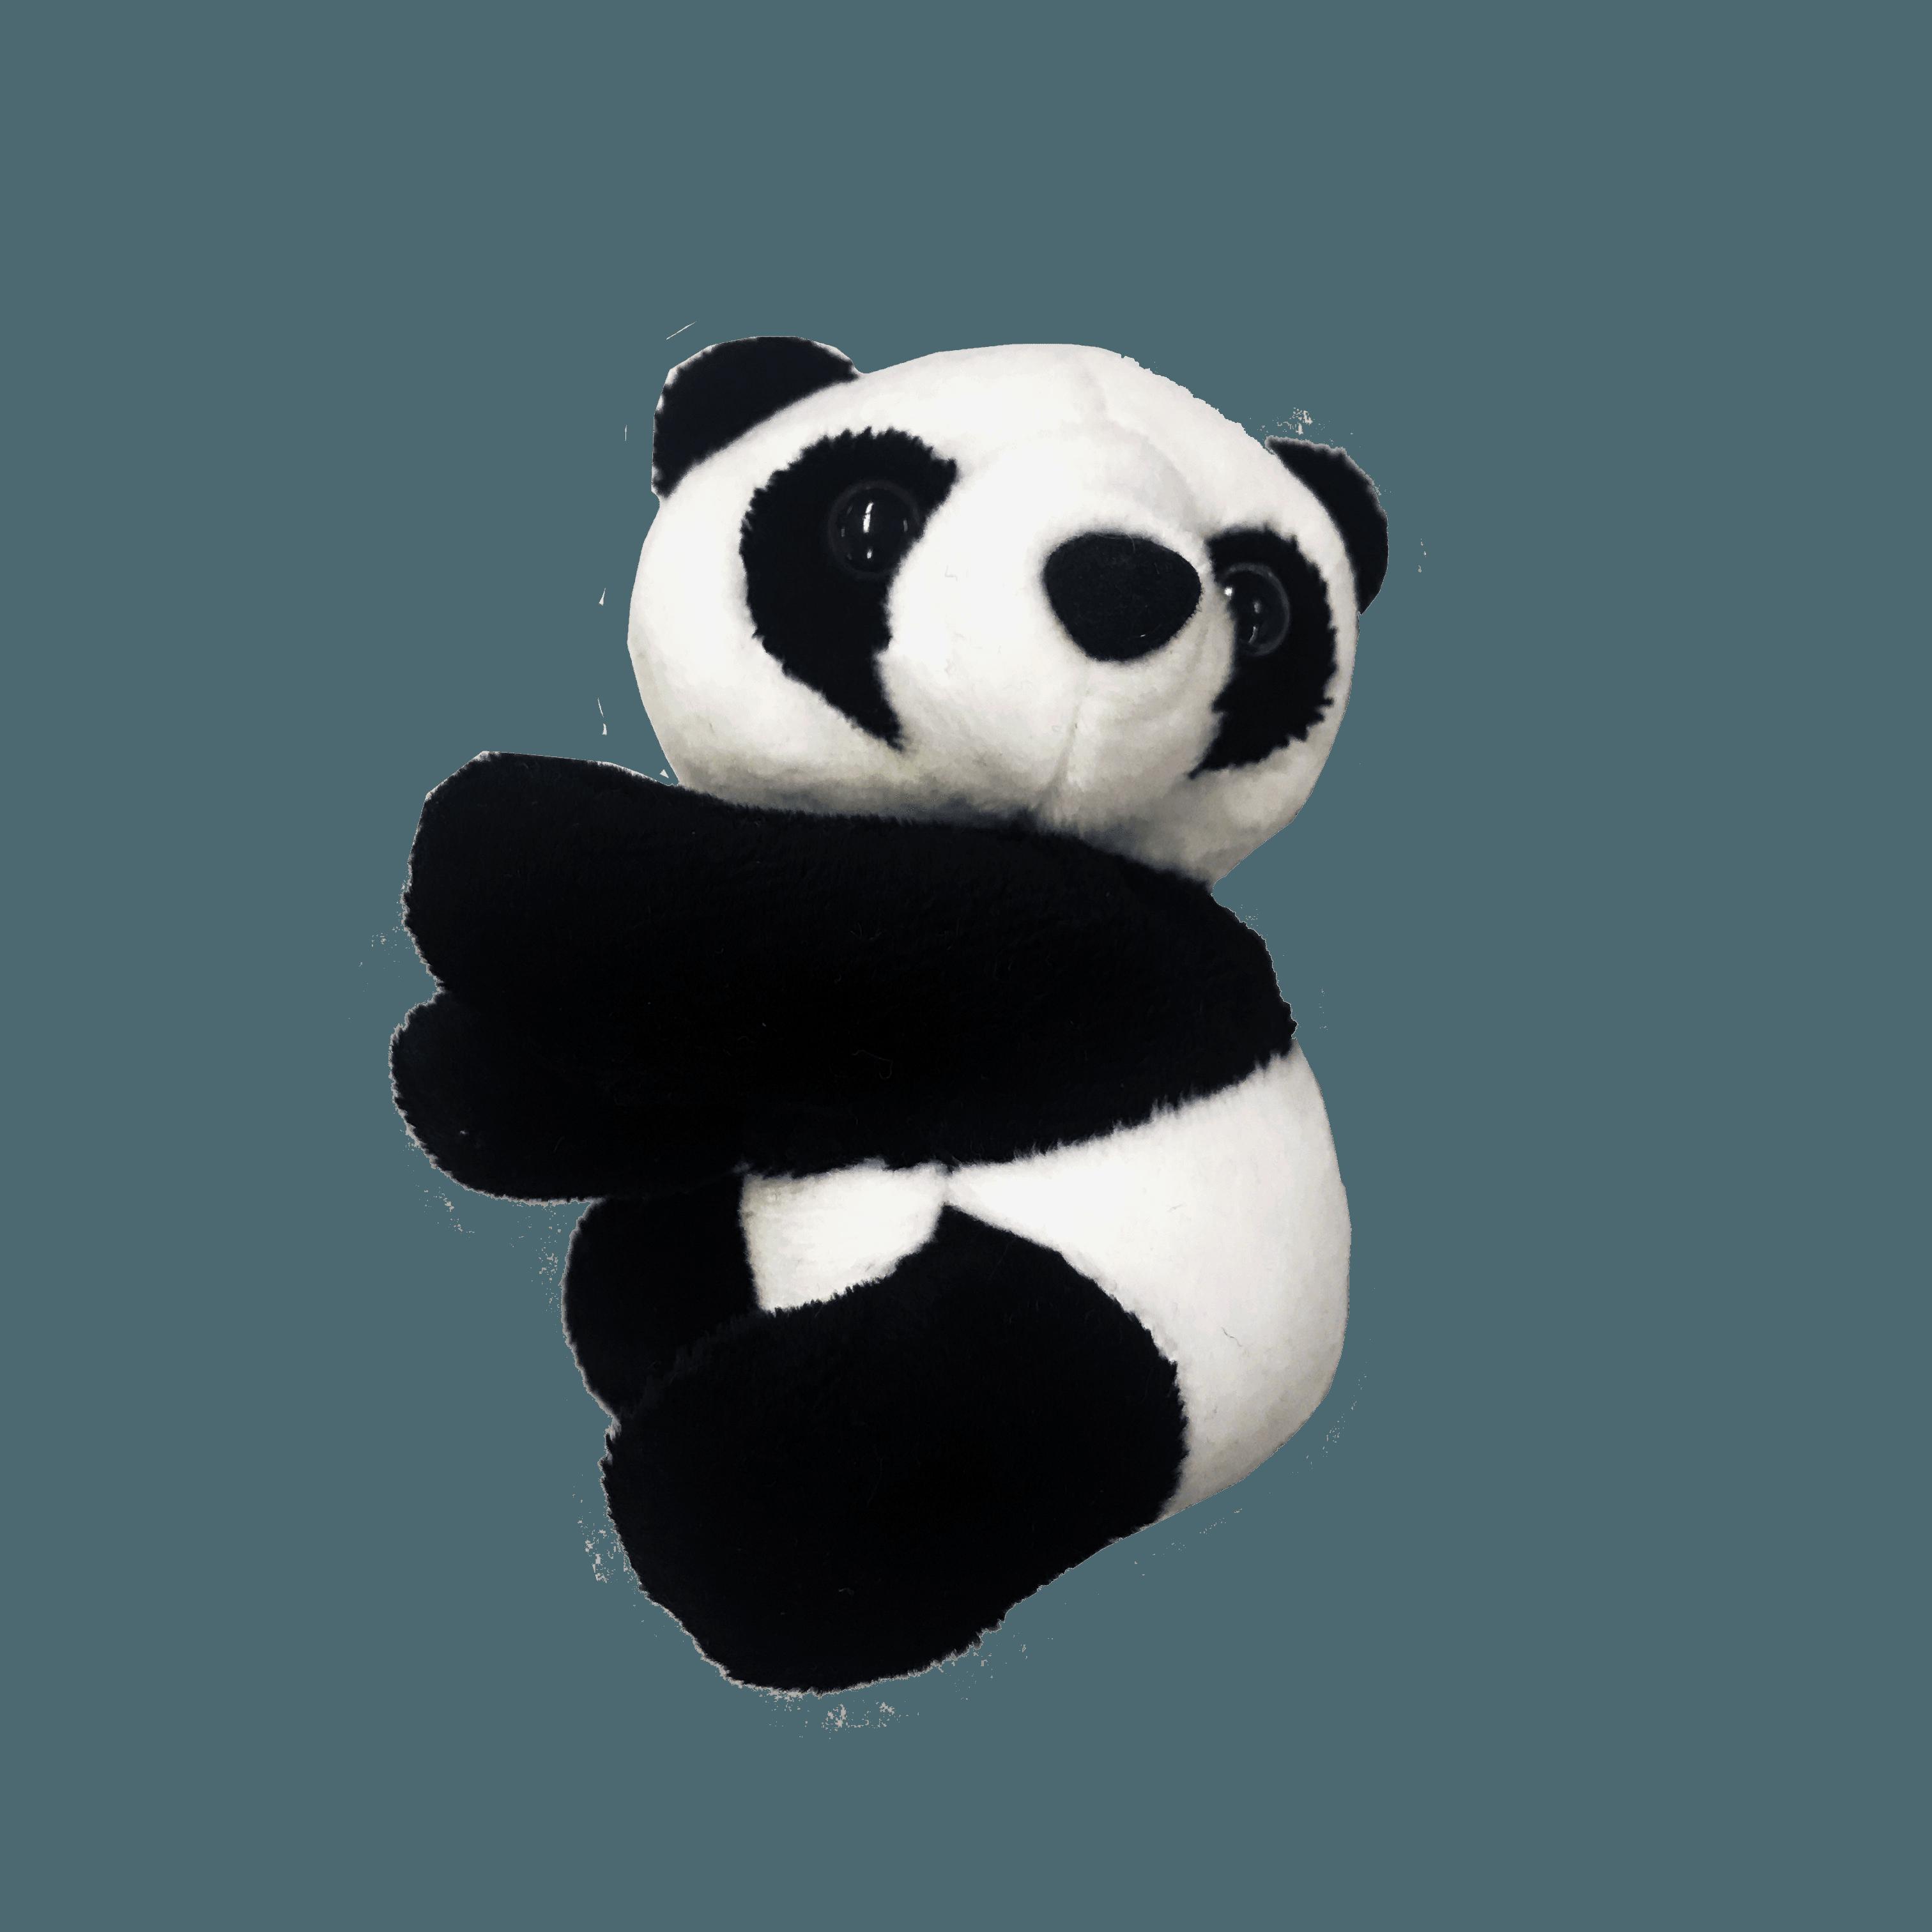 2c5cae035adb1 ギュッとしがみつくパンダの姿にキュン。ご自宅で職場で君のことを掴んで離さないパンダちゃん。